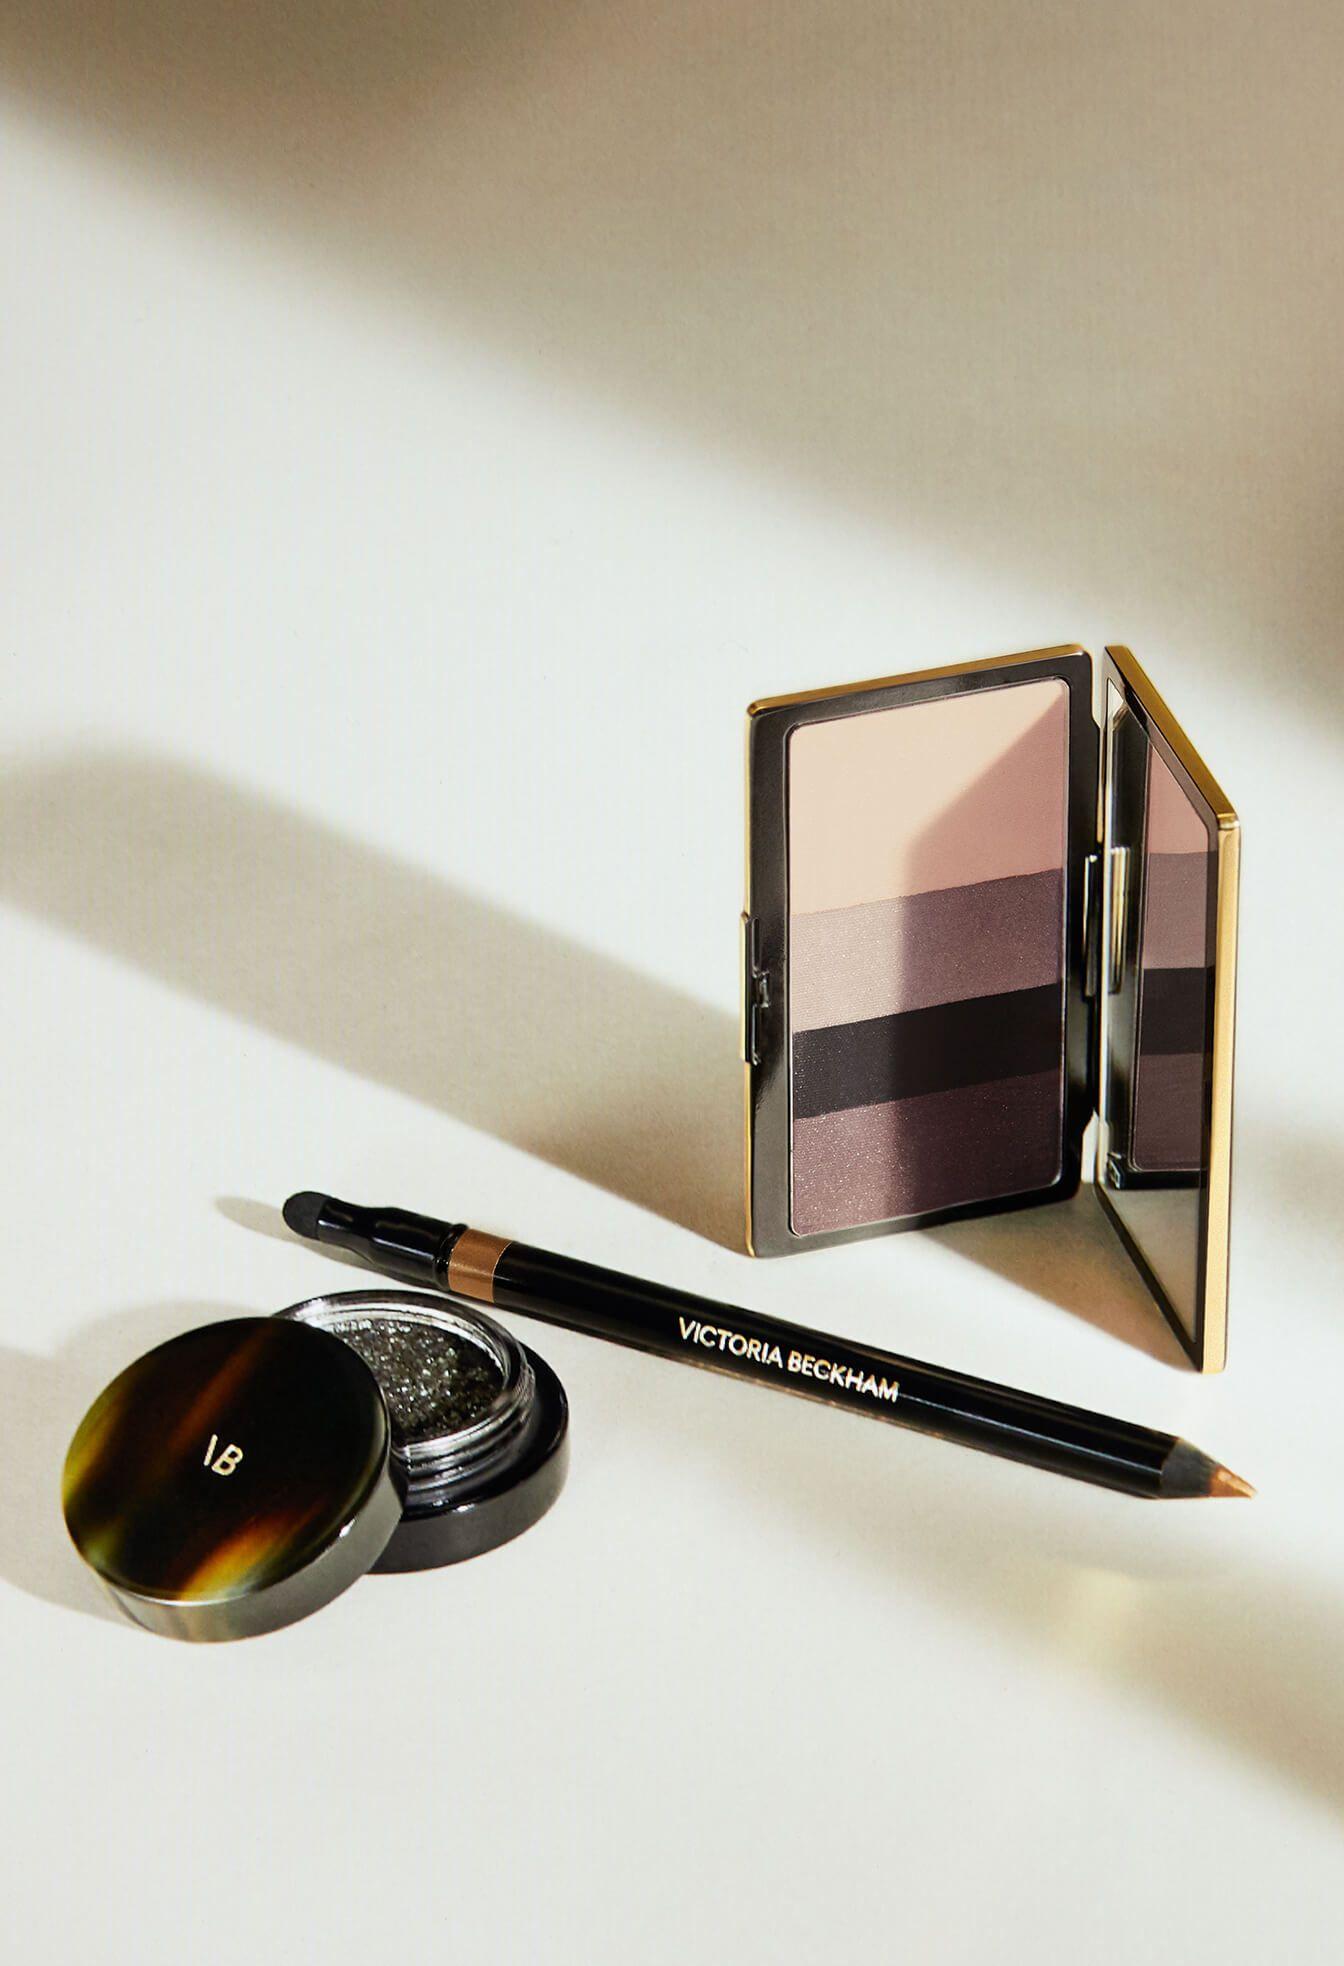 Makeup Victoria Beckham Beauty Victoria beckham makeup